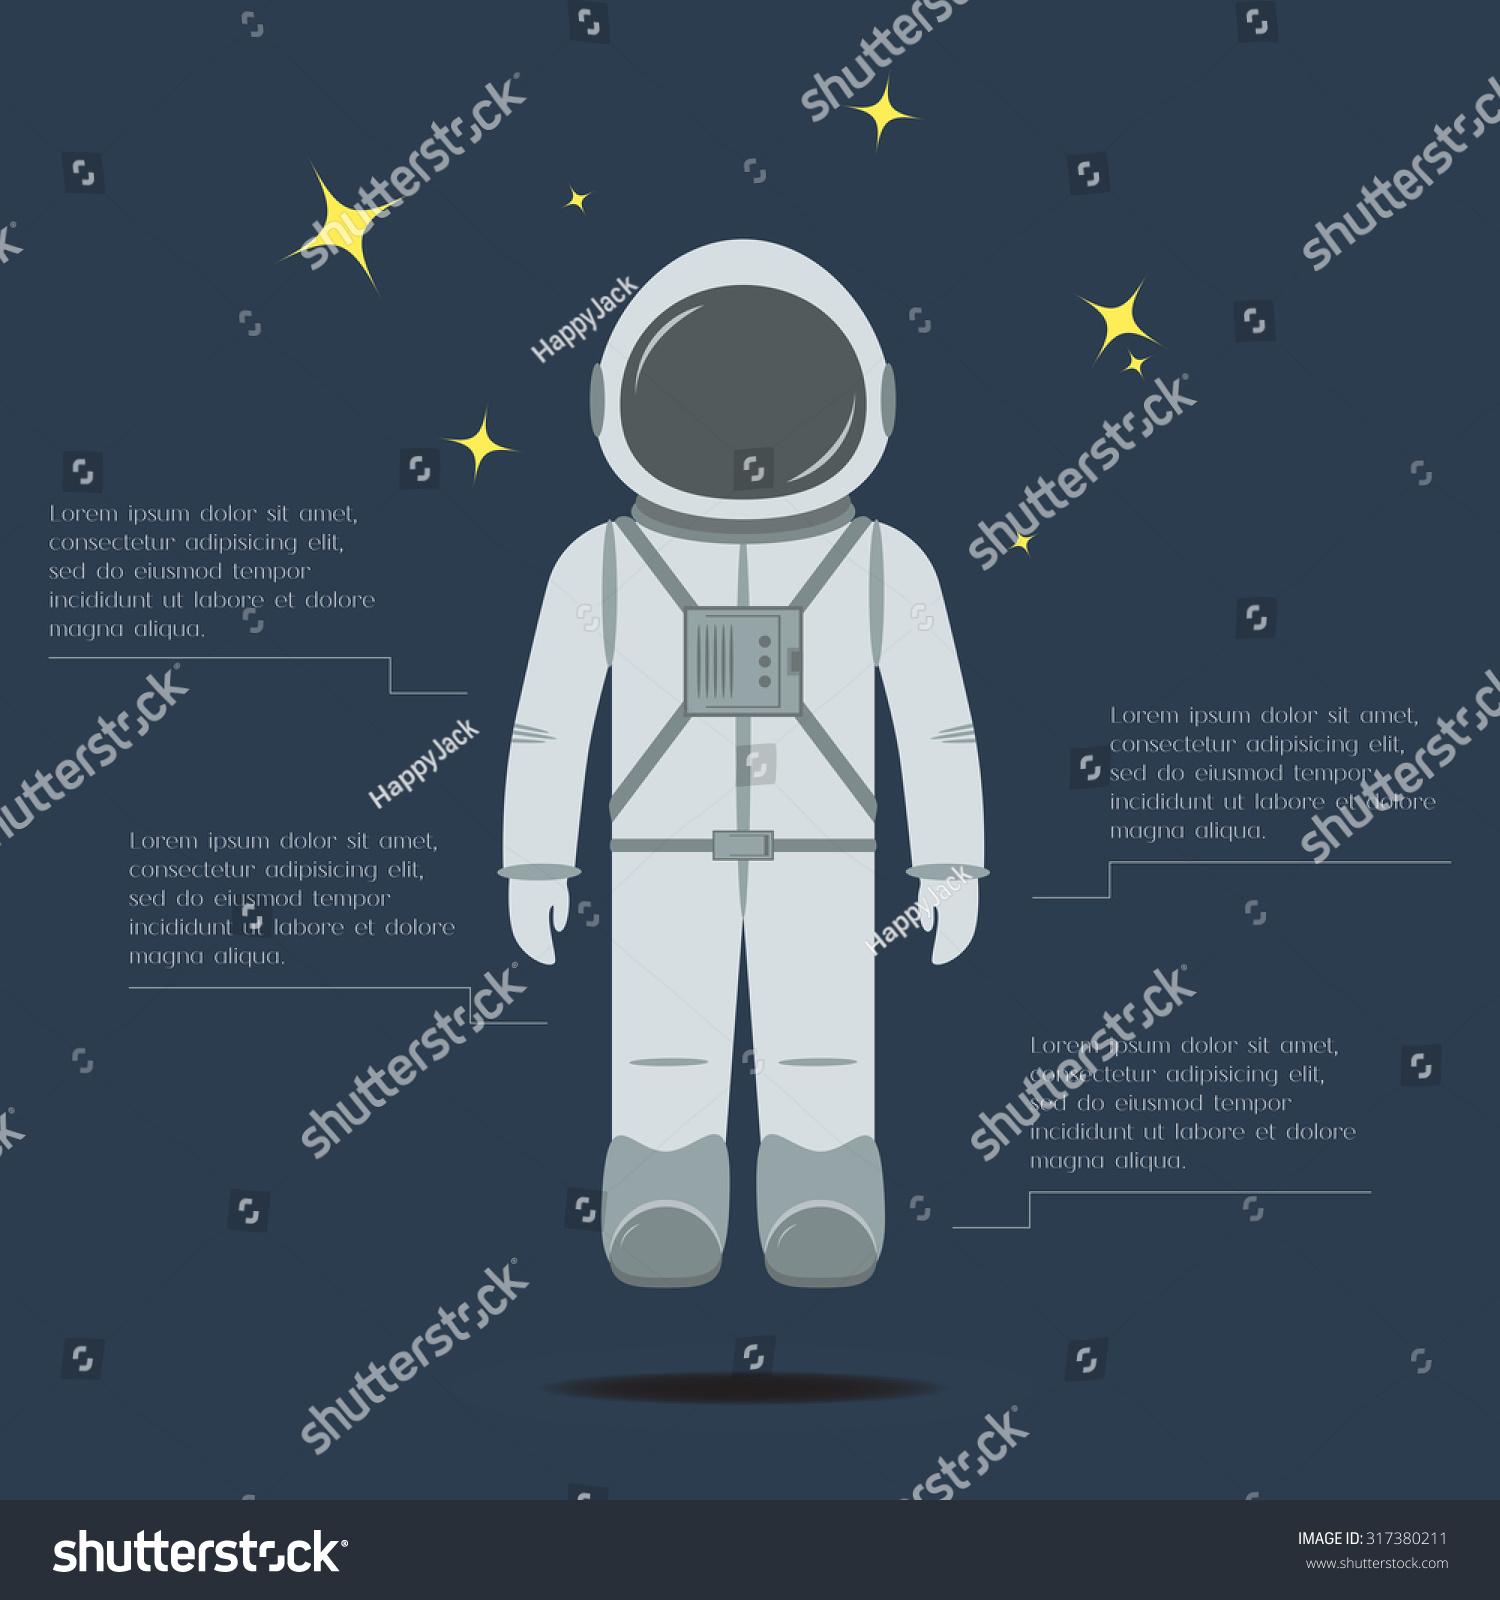 astronaut design - photo #42